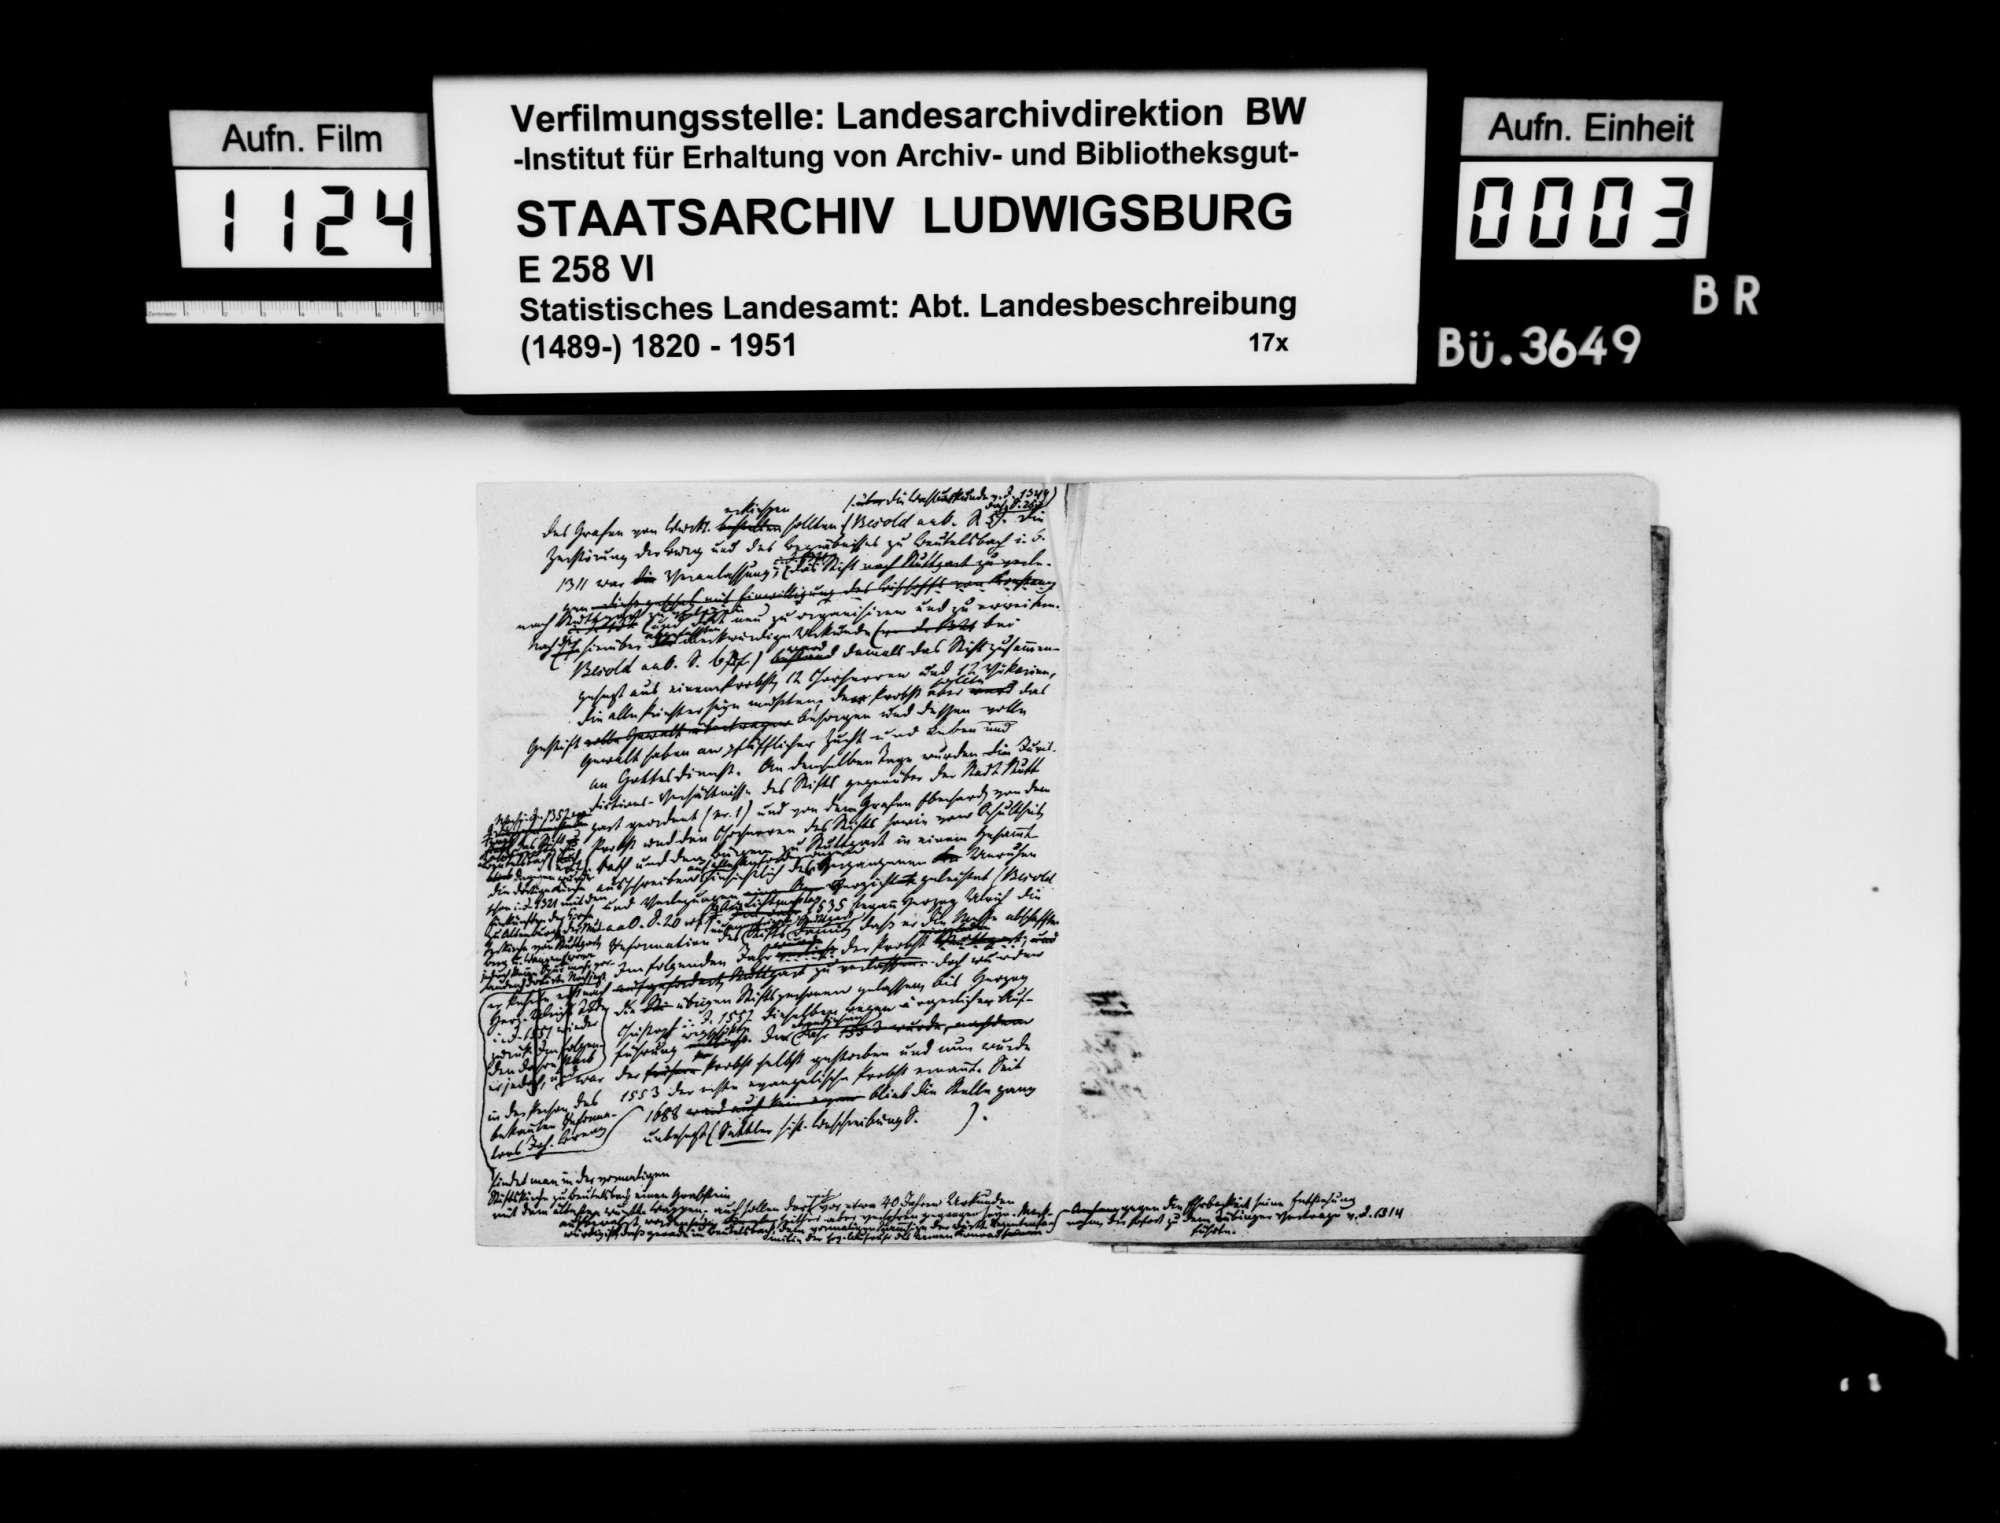 Verlegung des Chorherrenstifts von Beutelsbach nach Stuttgart, o.Verf., mit gedruckten Documenta Eccles[iae] Stuetgardiensis [vermutlich Hd. 5794] S. 3-12, 17-22, 27-30, mit handschriftlichen Korrekturen, Bild 2